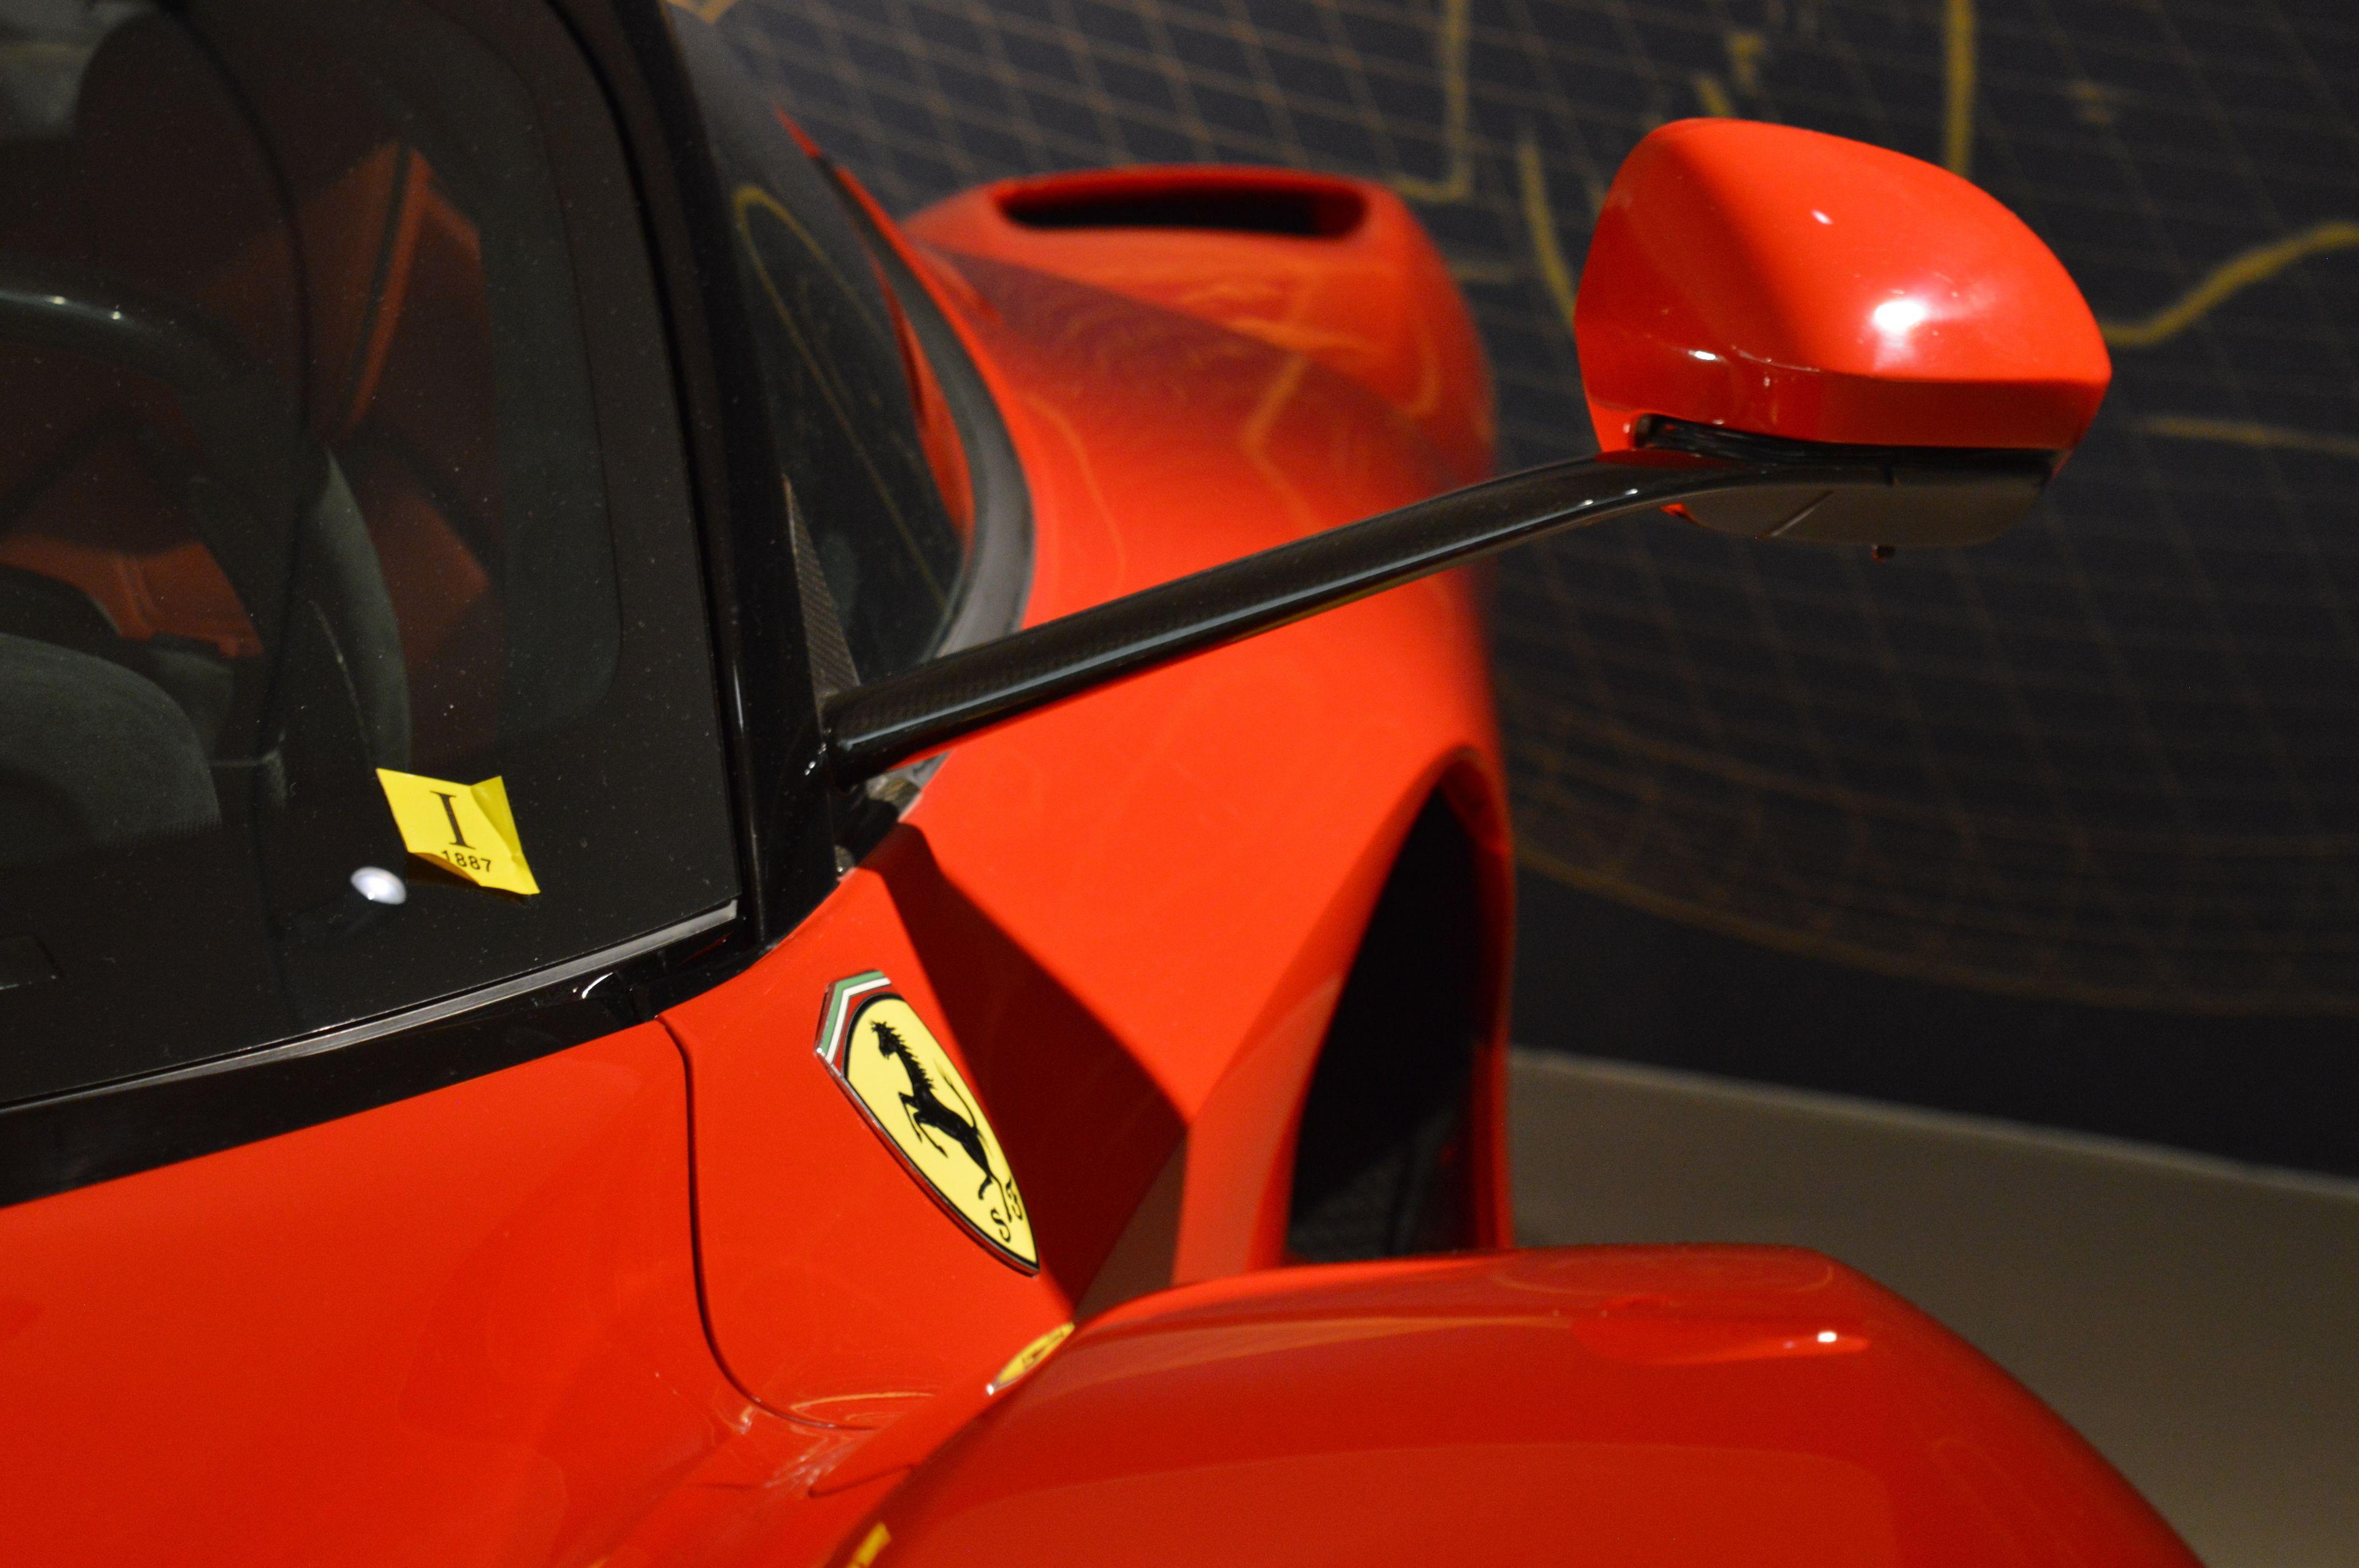 Tour di 1 giornata con degustazioni e Ferrari da Firenze in treno